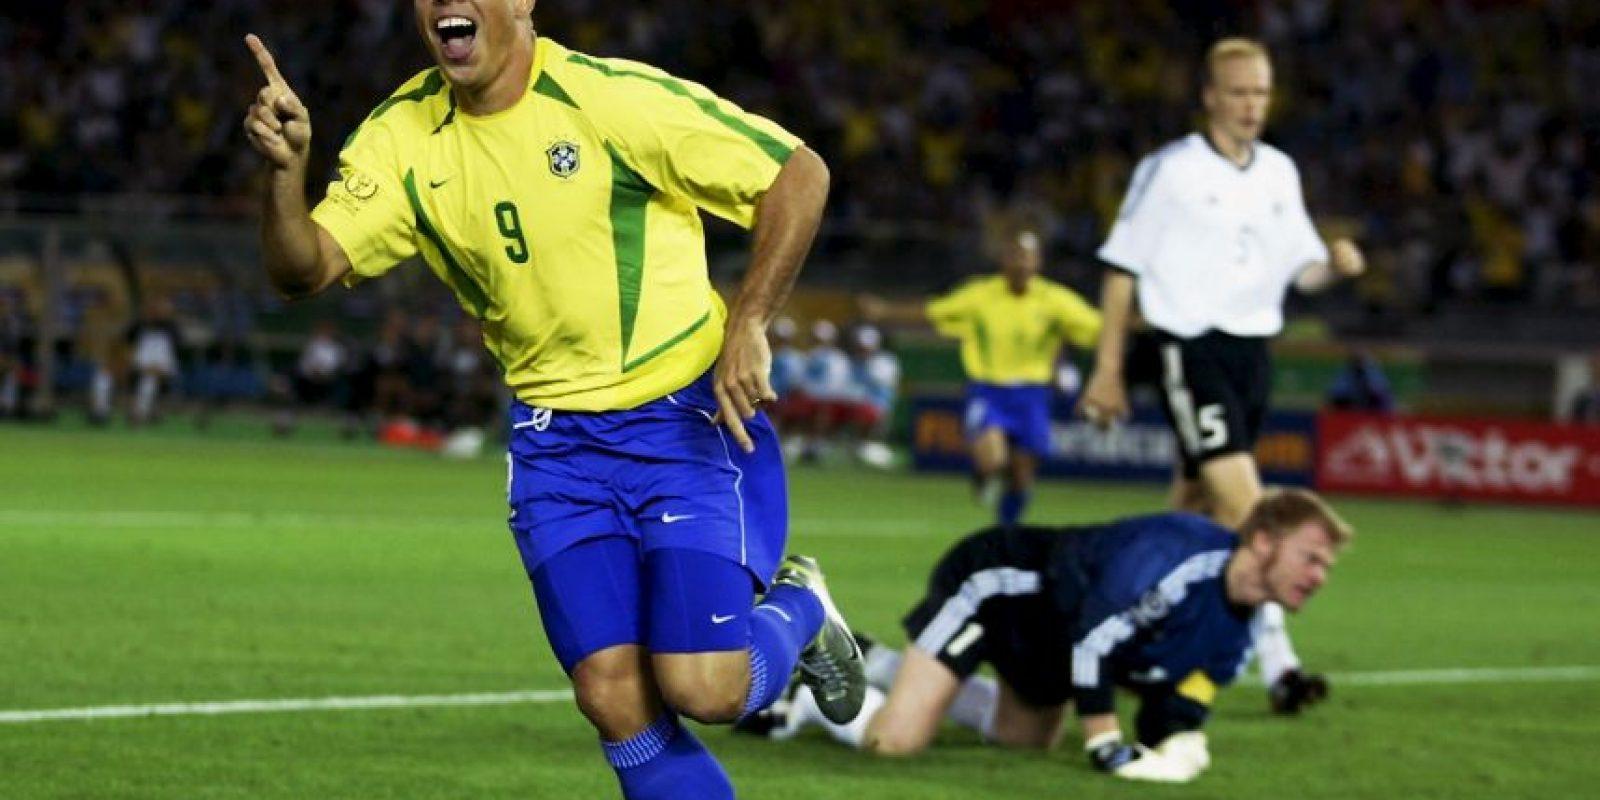 """Es Ronaldo, el """"Fenómeno"""", quien utilizó ese peculiar flequillo en el Mundial de 2002. Foto:Getty Images"""